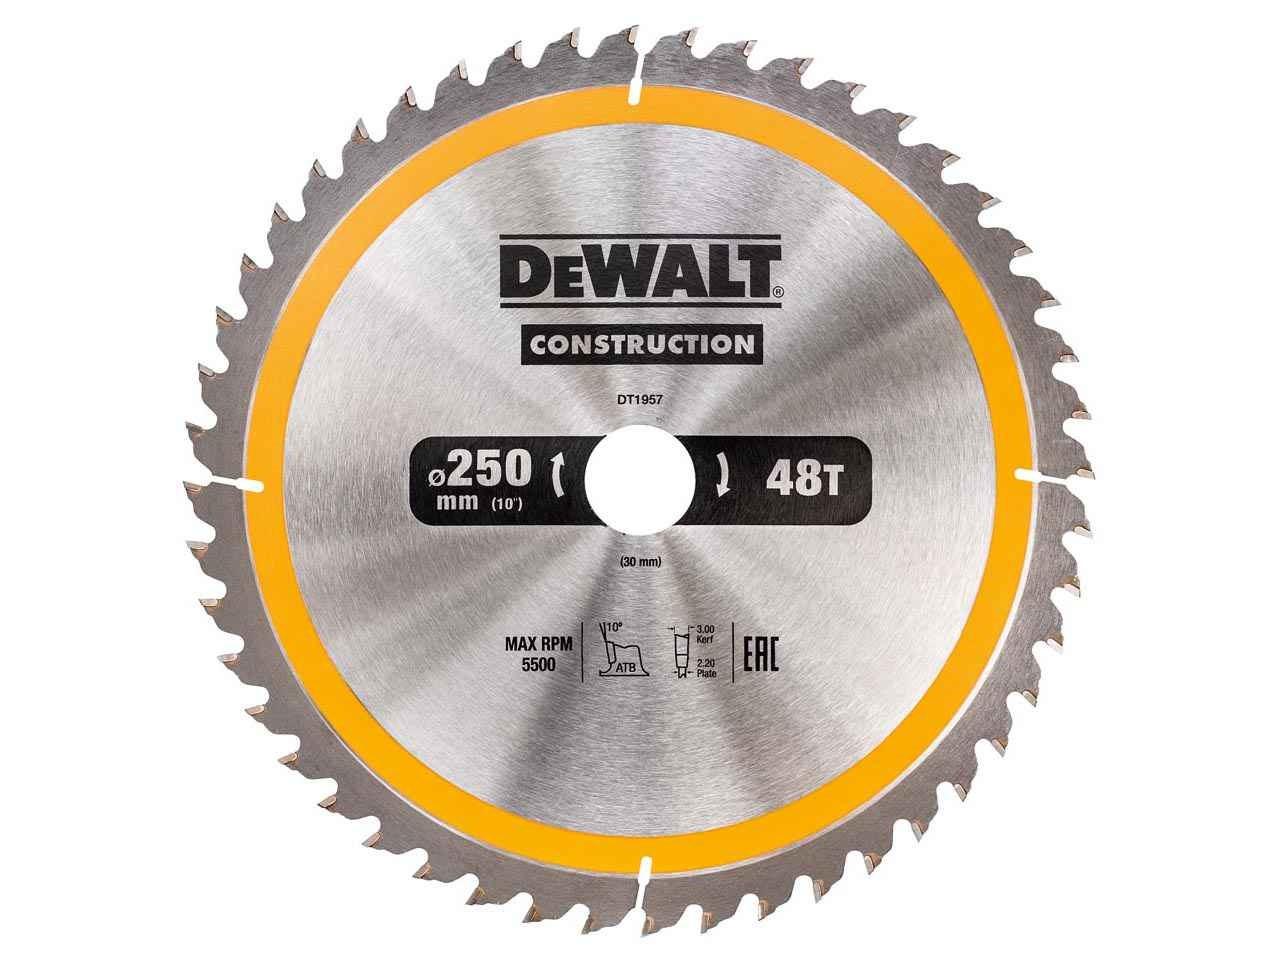 Dewalt dt1957qz construction circular saw blade 250x30mm 48t keyboard keysfo Images